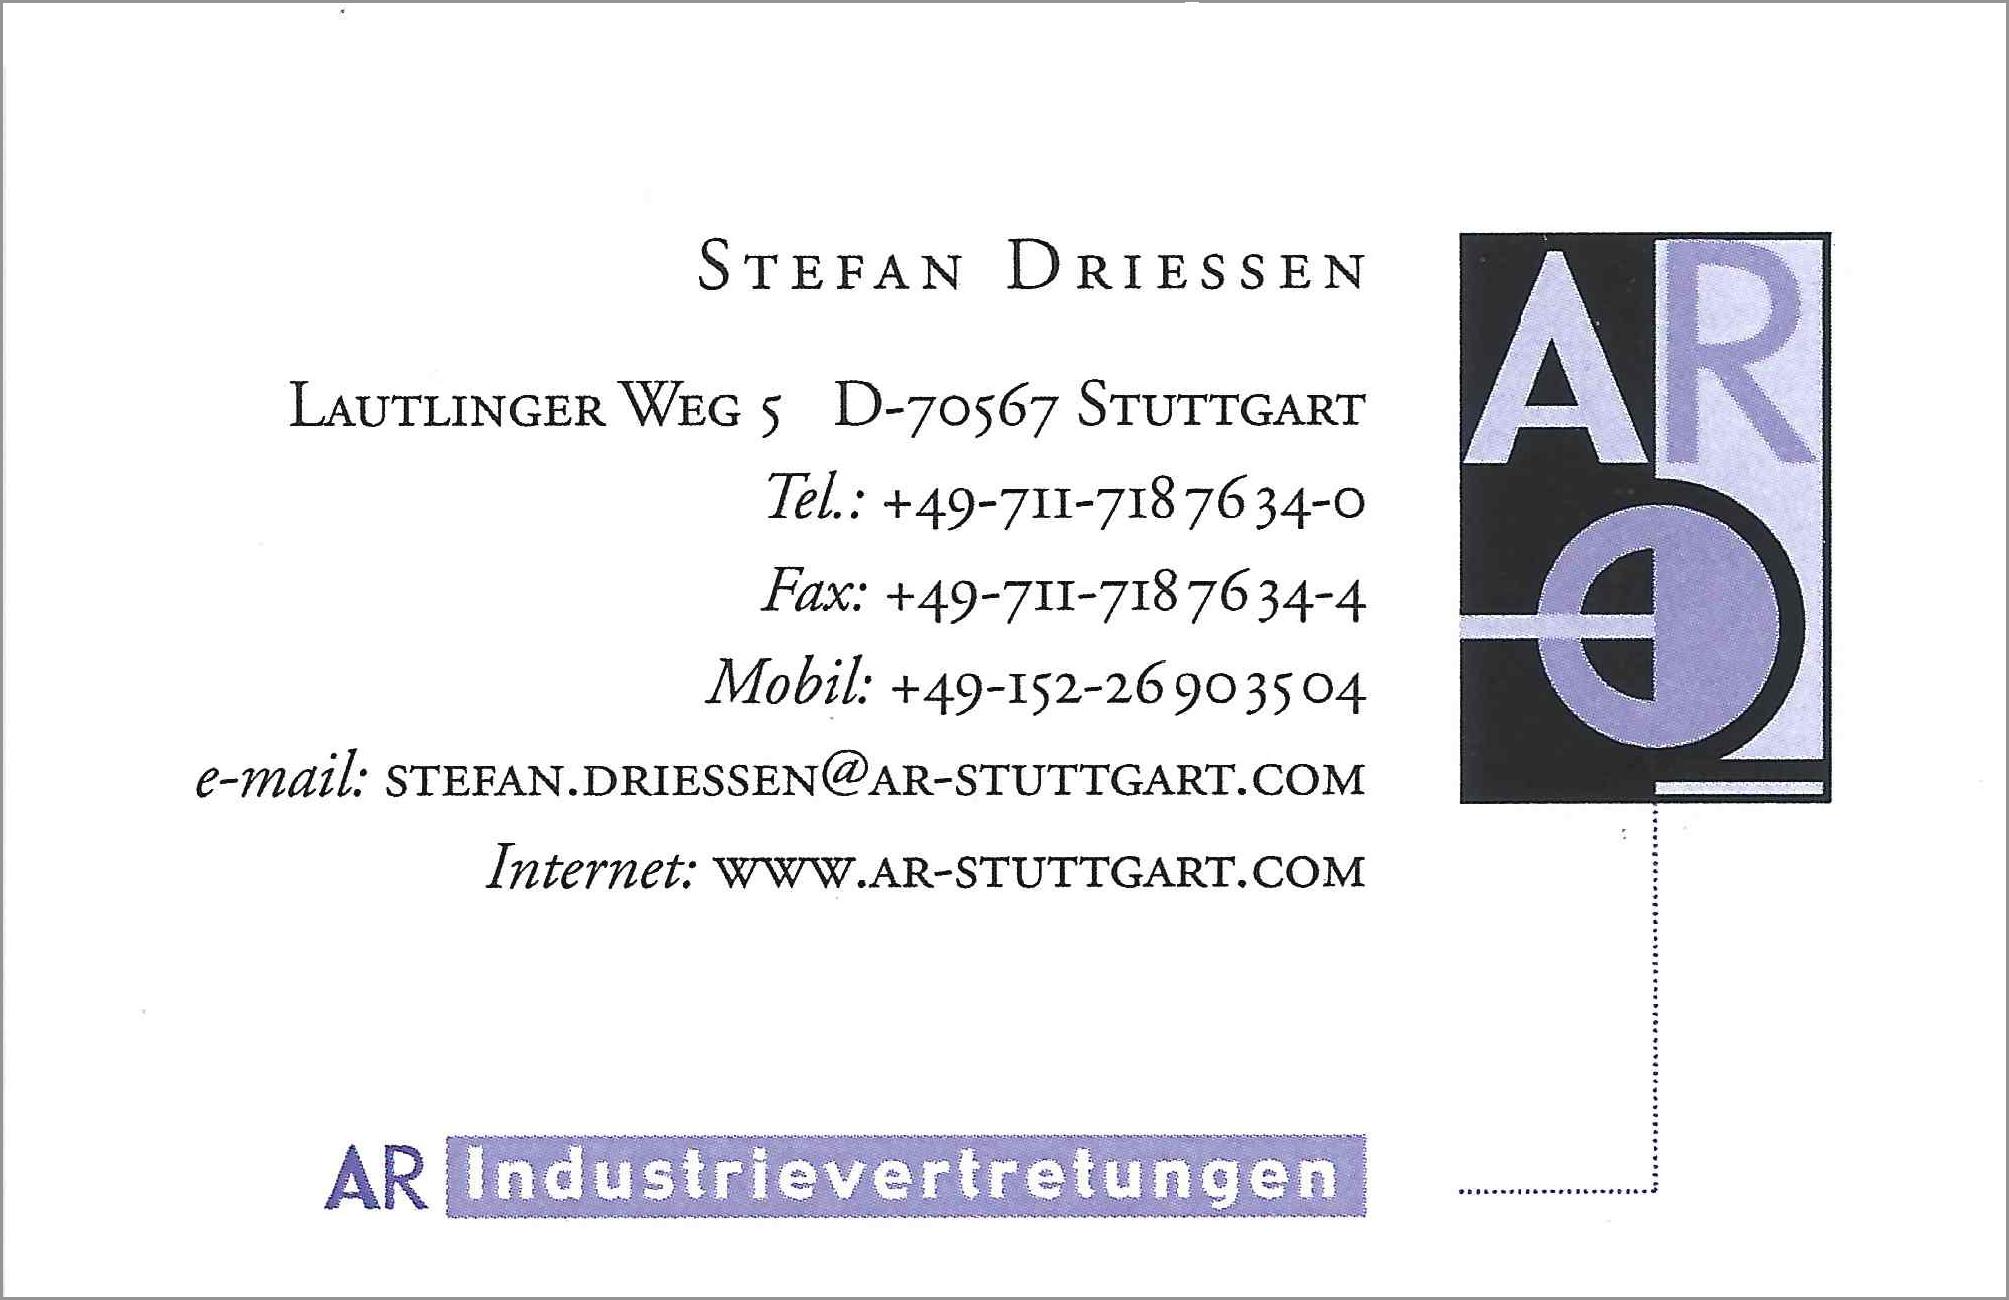 Stefan_Driessen_AR_Industrievertretungen_Kontur_neu.jpg